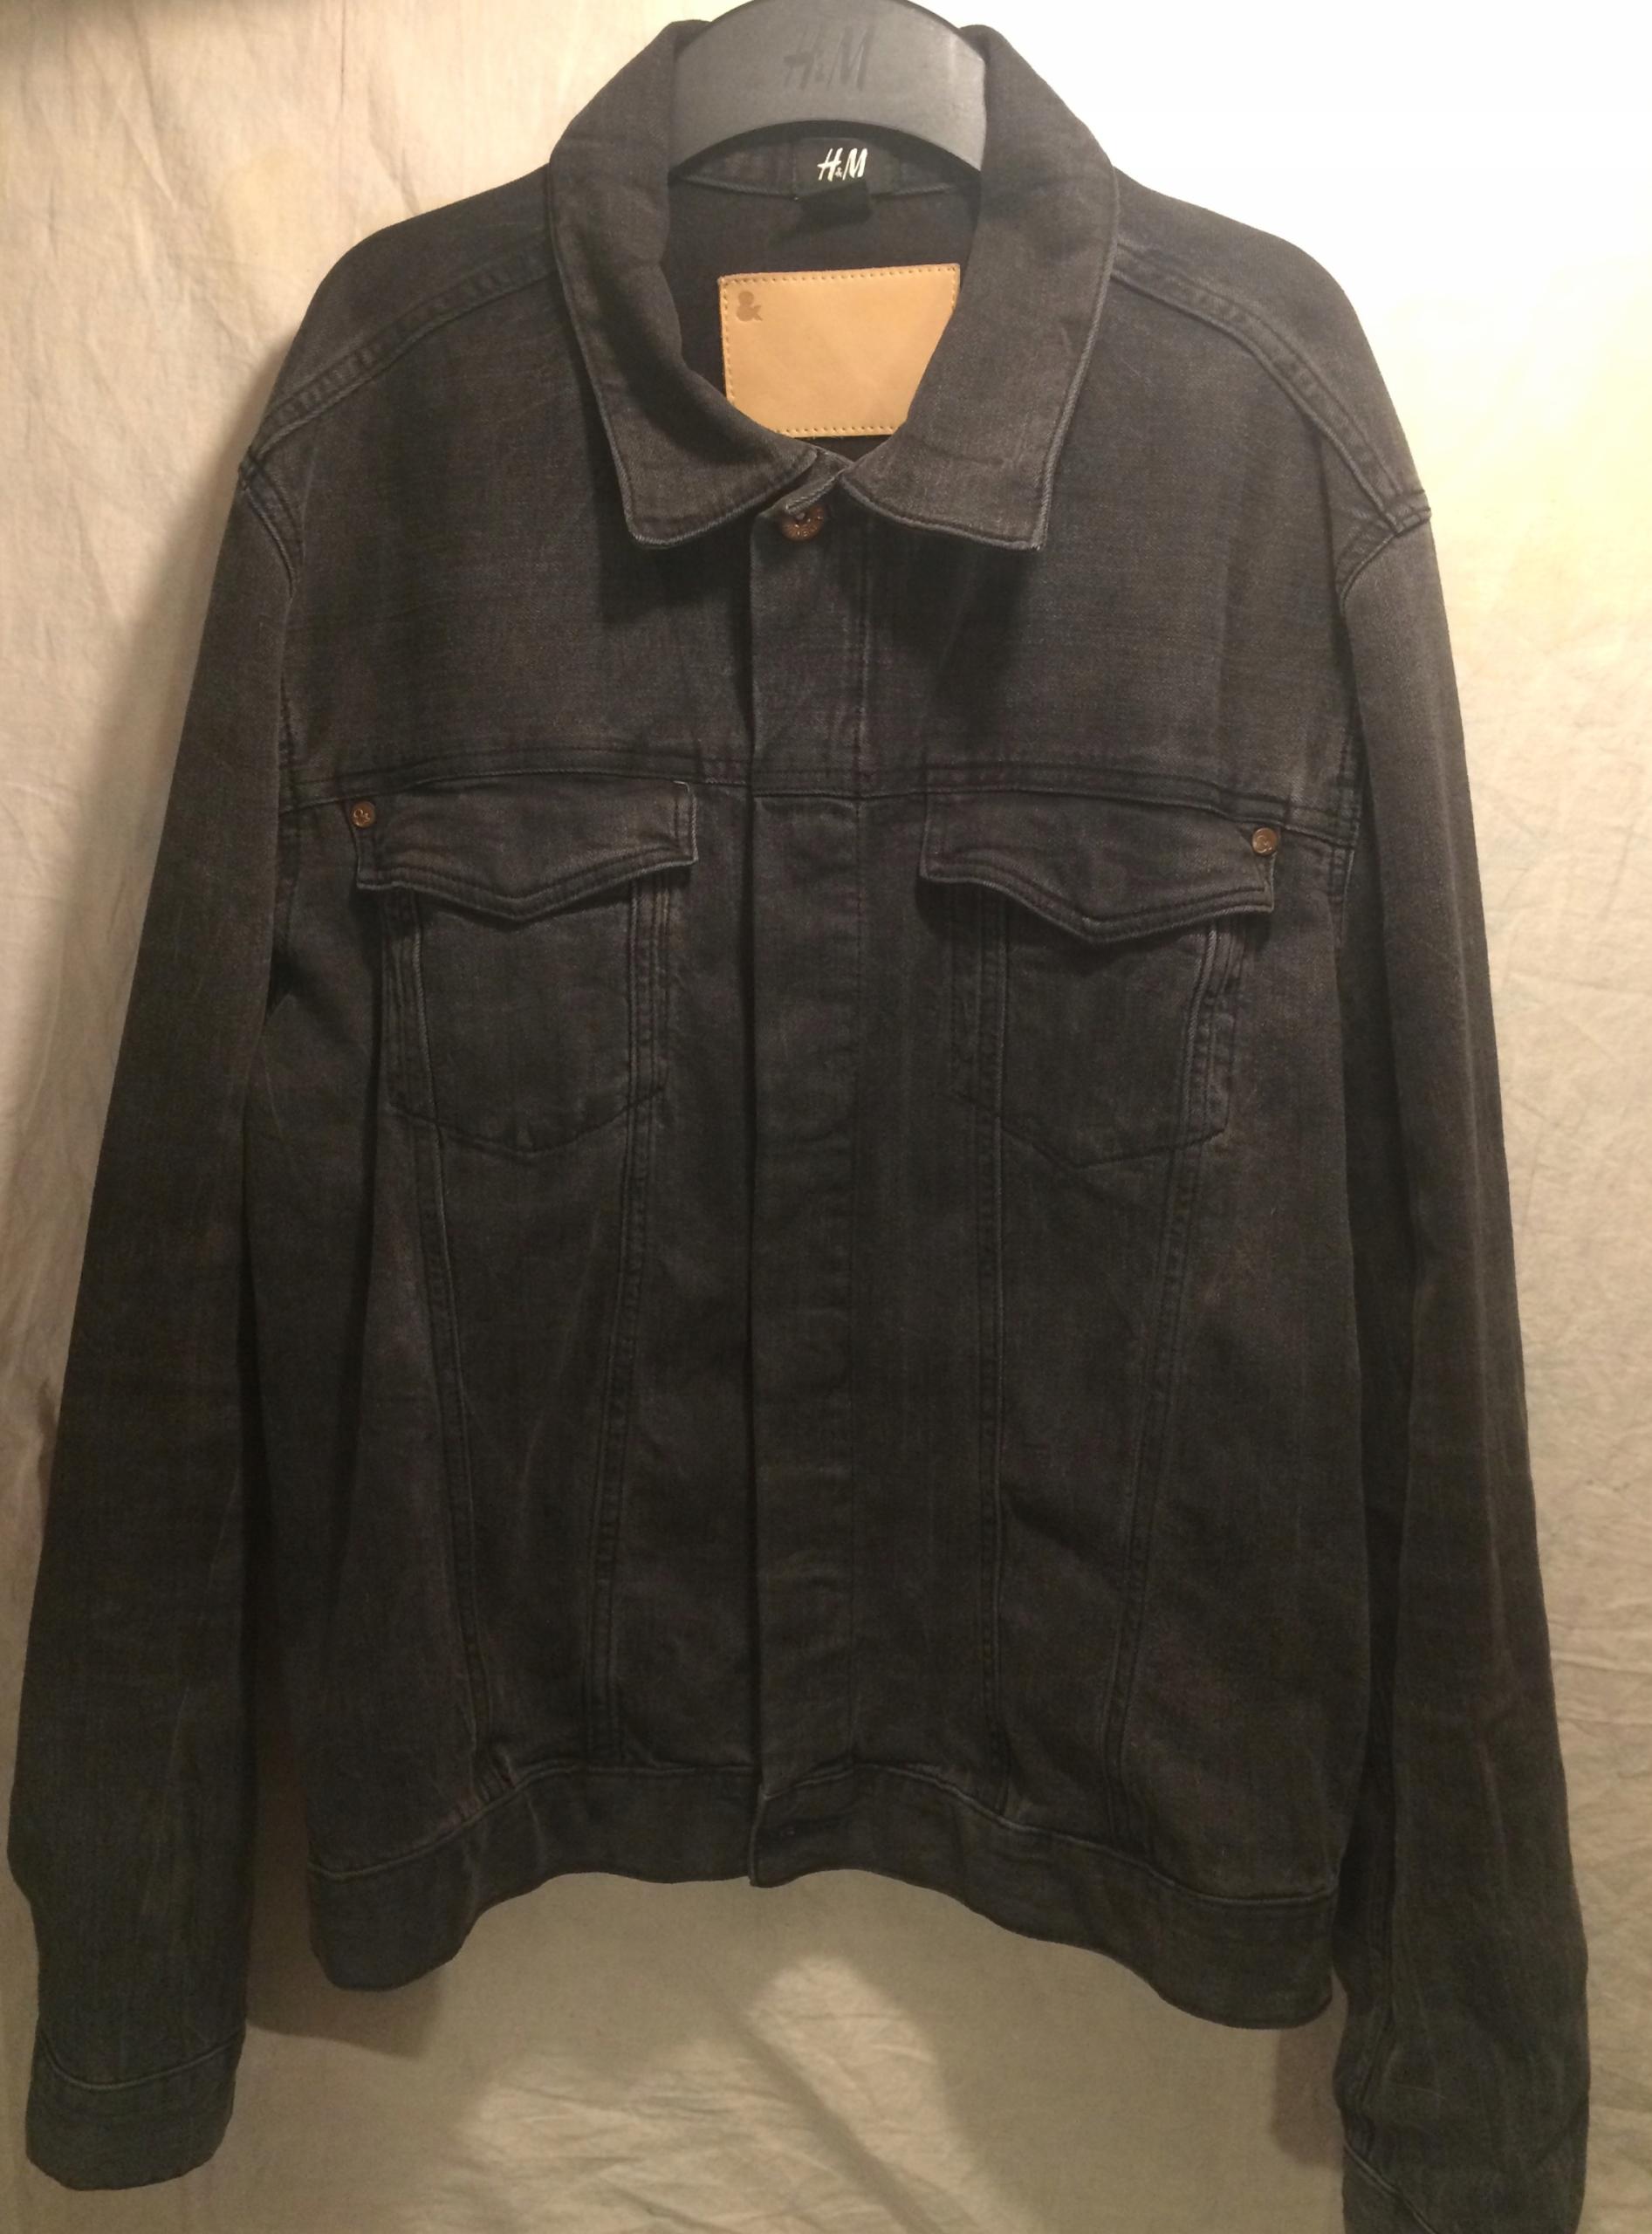 H&M kurtka jeansowa M